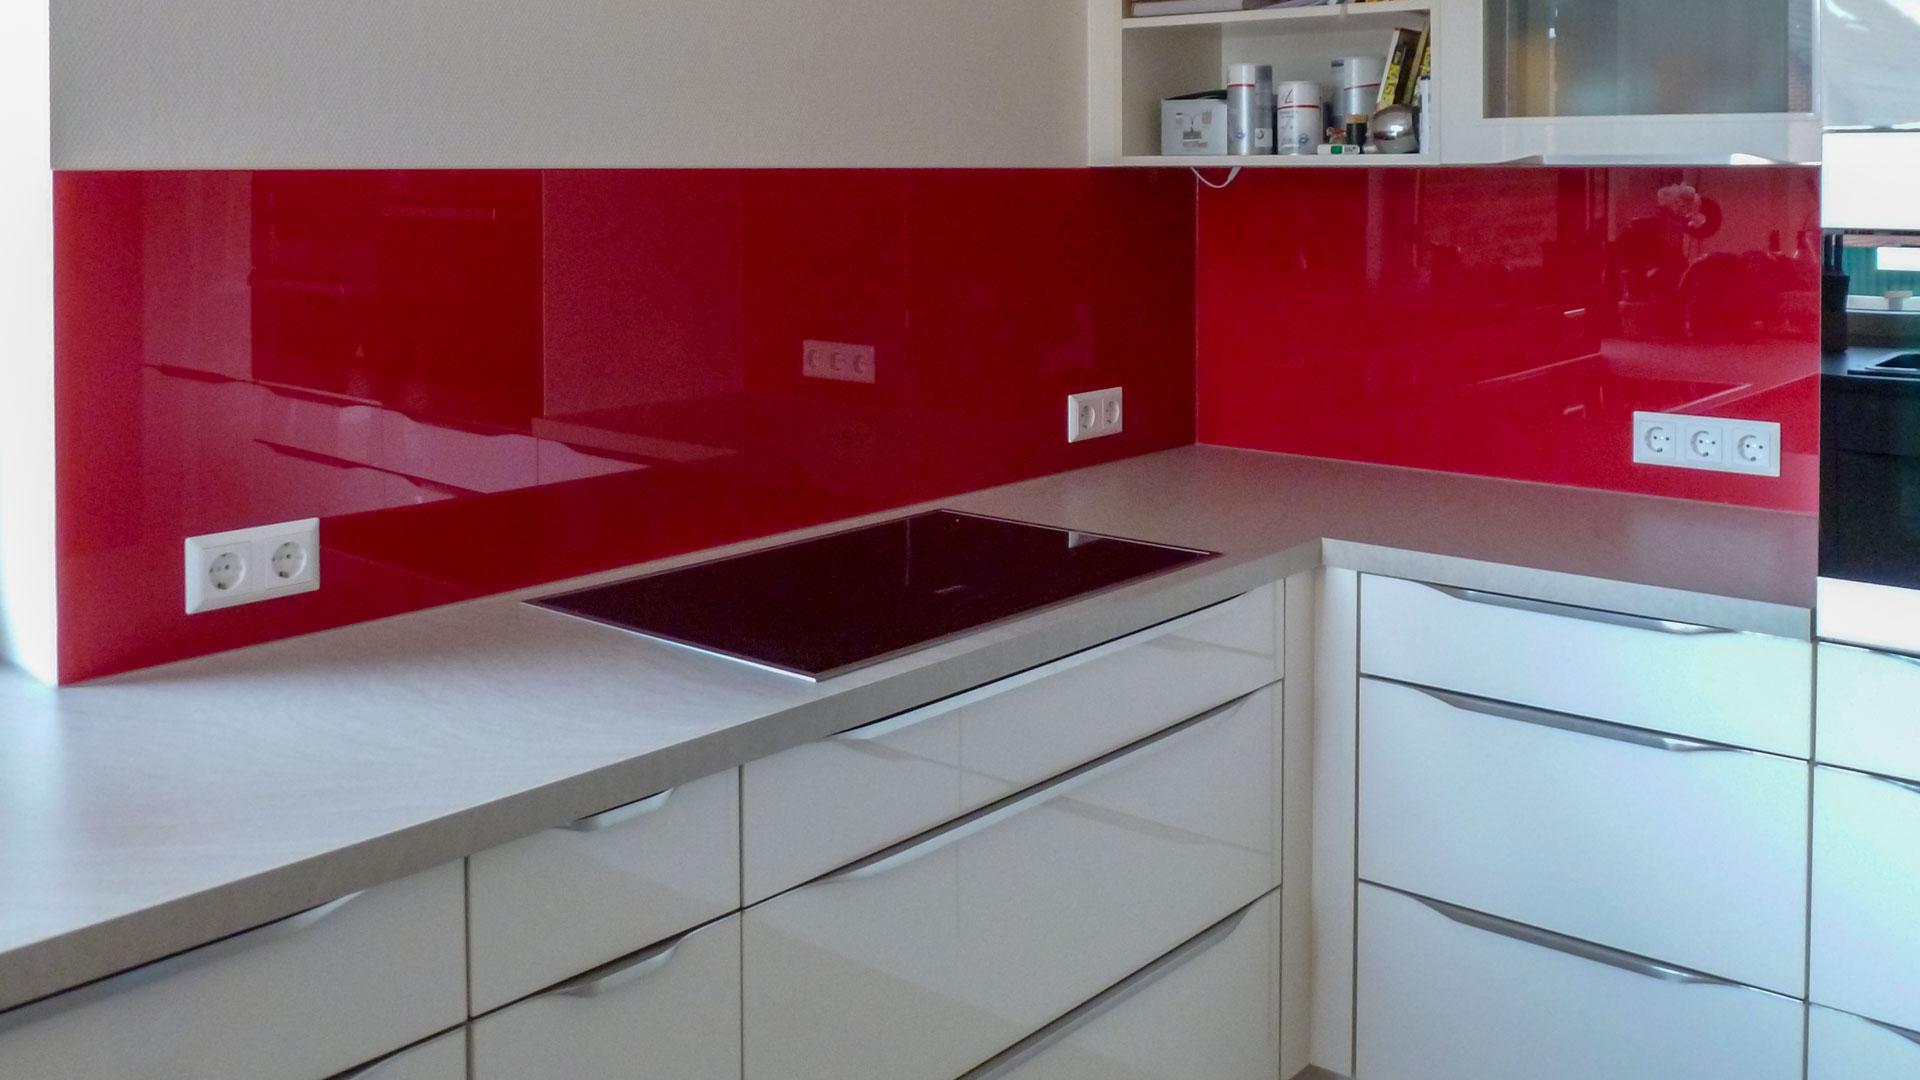 ideen in glas f r ihre k che hygienisch modern und innovativ. Black Bedroom Furniture Sets. Home Design Ideas